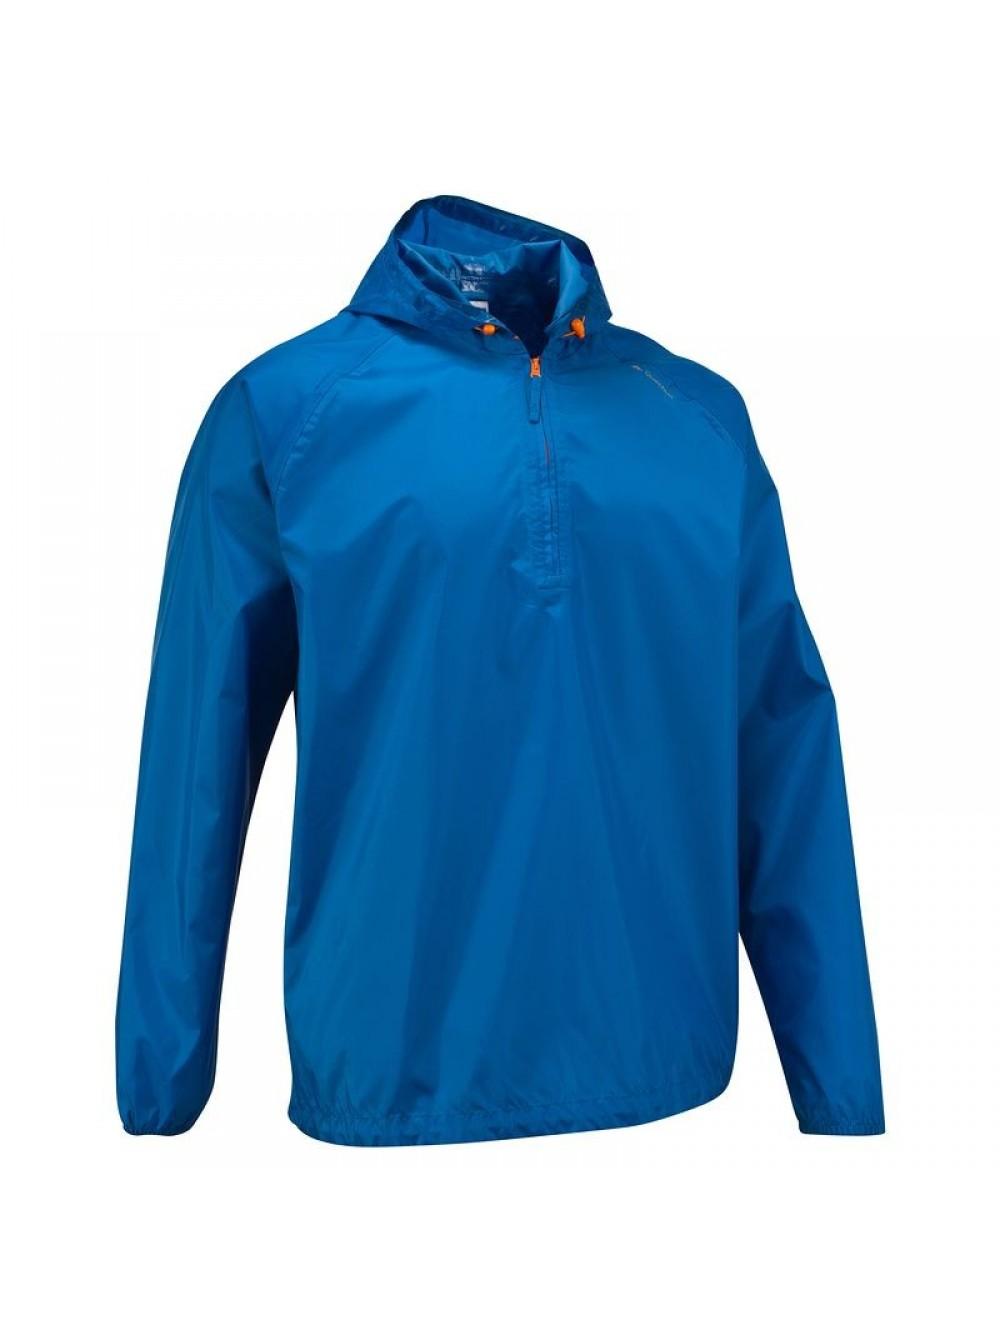 Quechua Rain Cut - Куртка дождевик - Ветровка спортивная мужская c6f3c7431b878